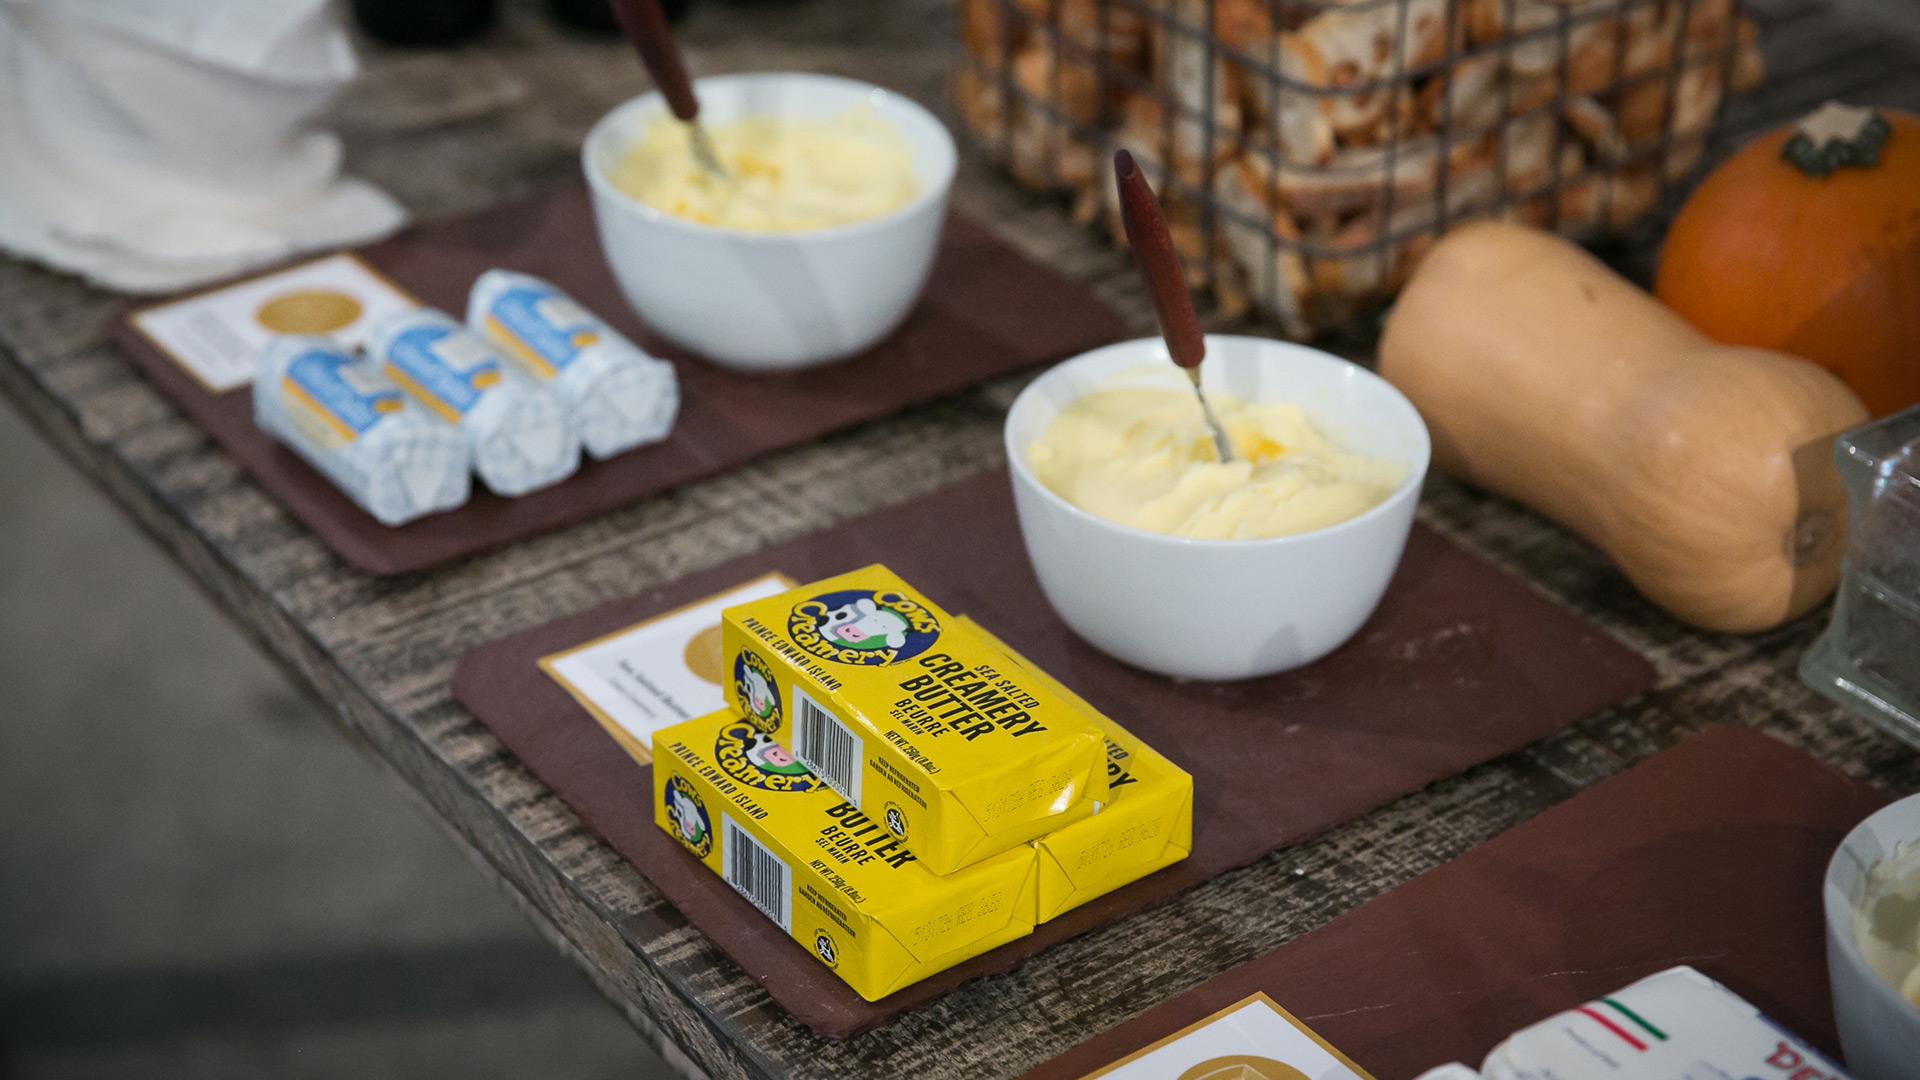 17-WEB-Sponsor_butter05.jpg